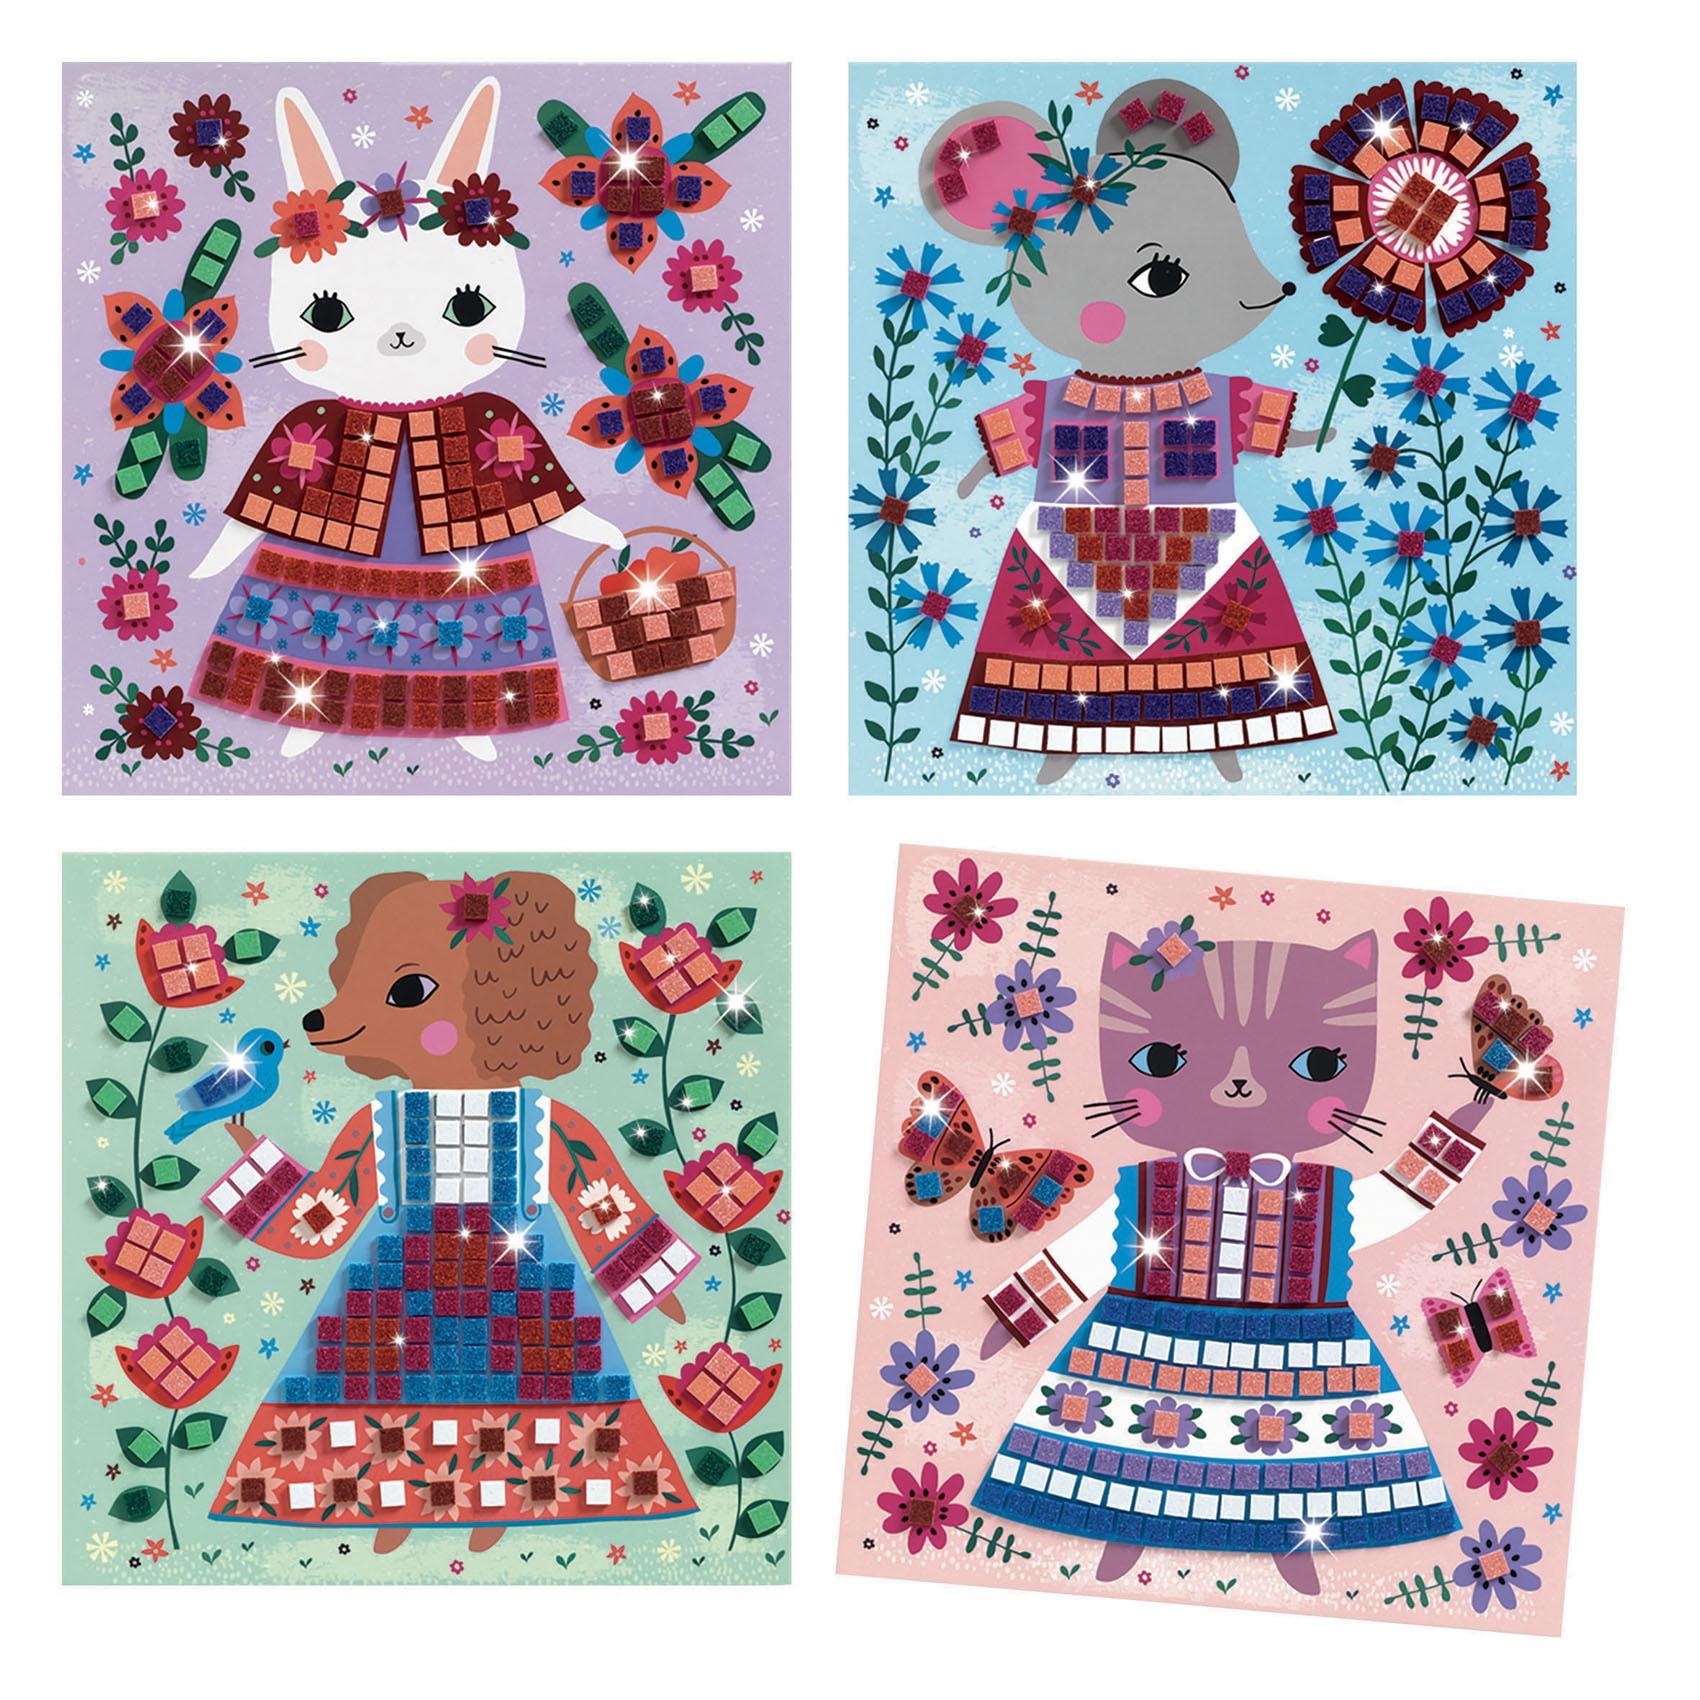 Mozaikkép készítés - Édes háziállatok - Lovely pets - 1